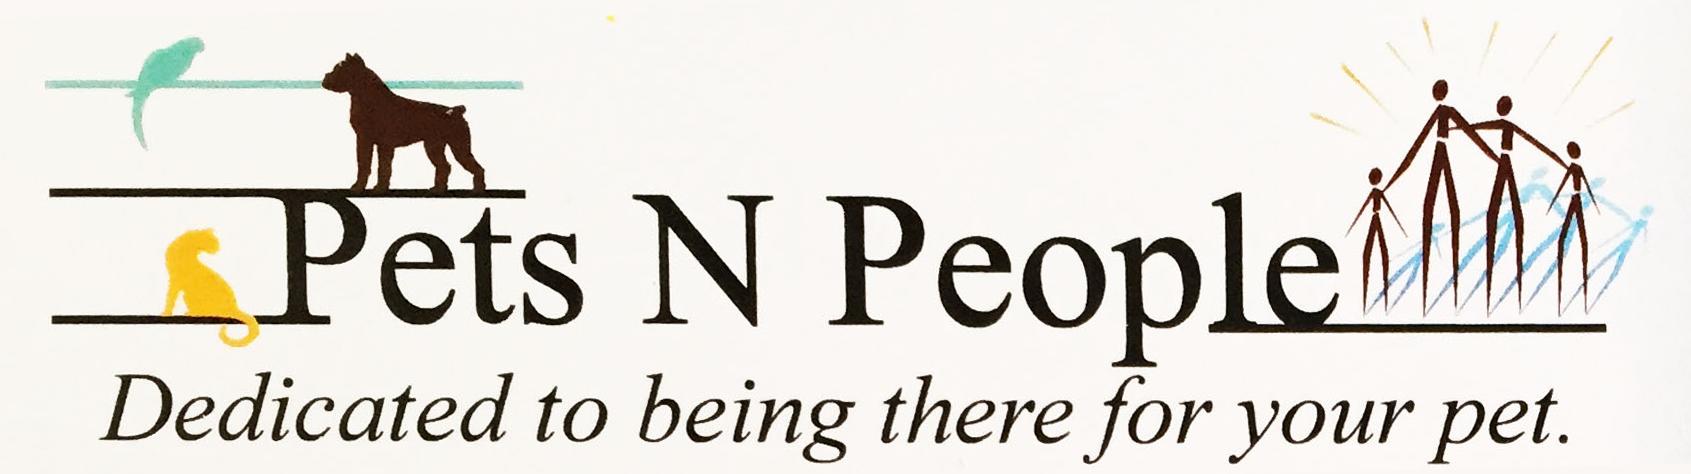 Pets 'n People